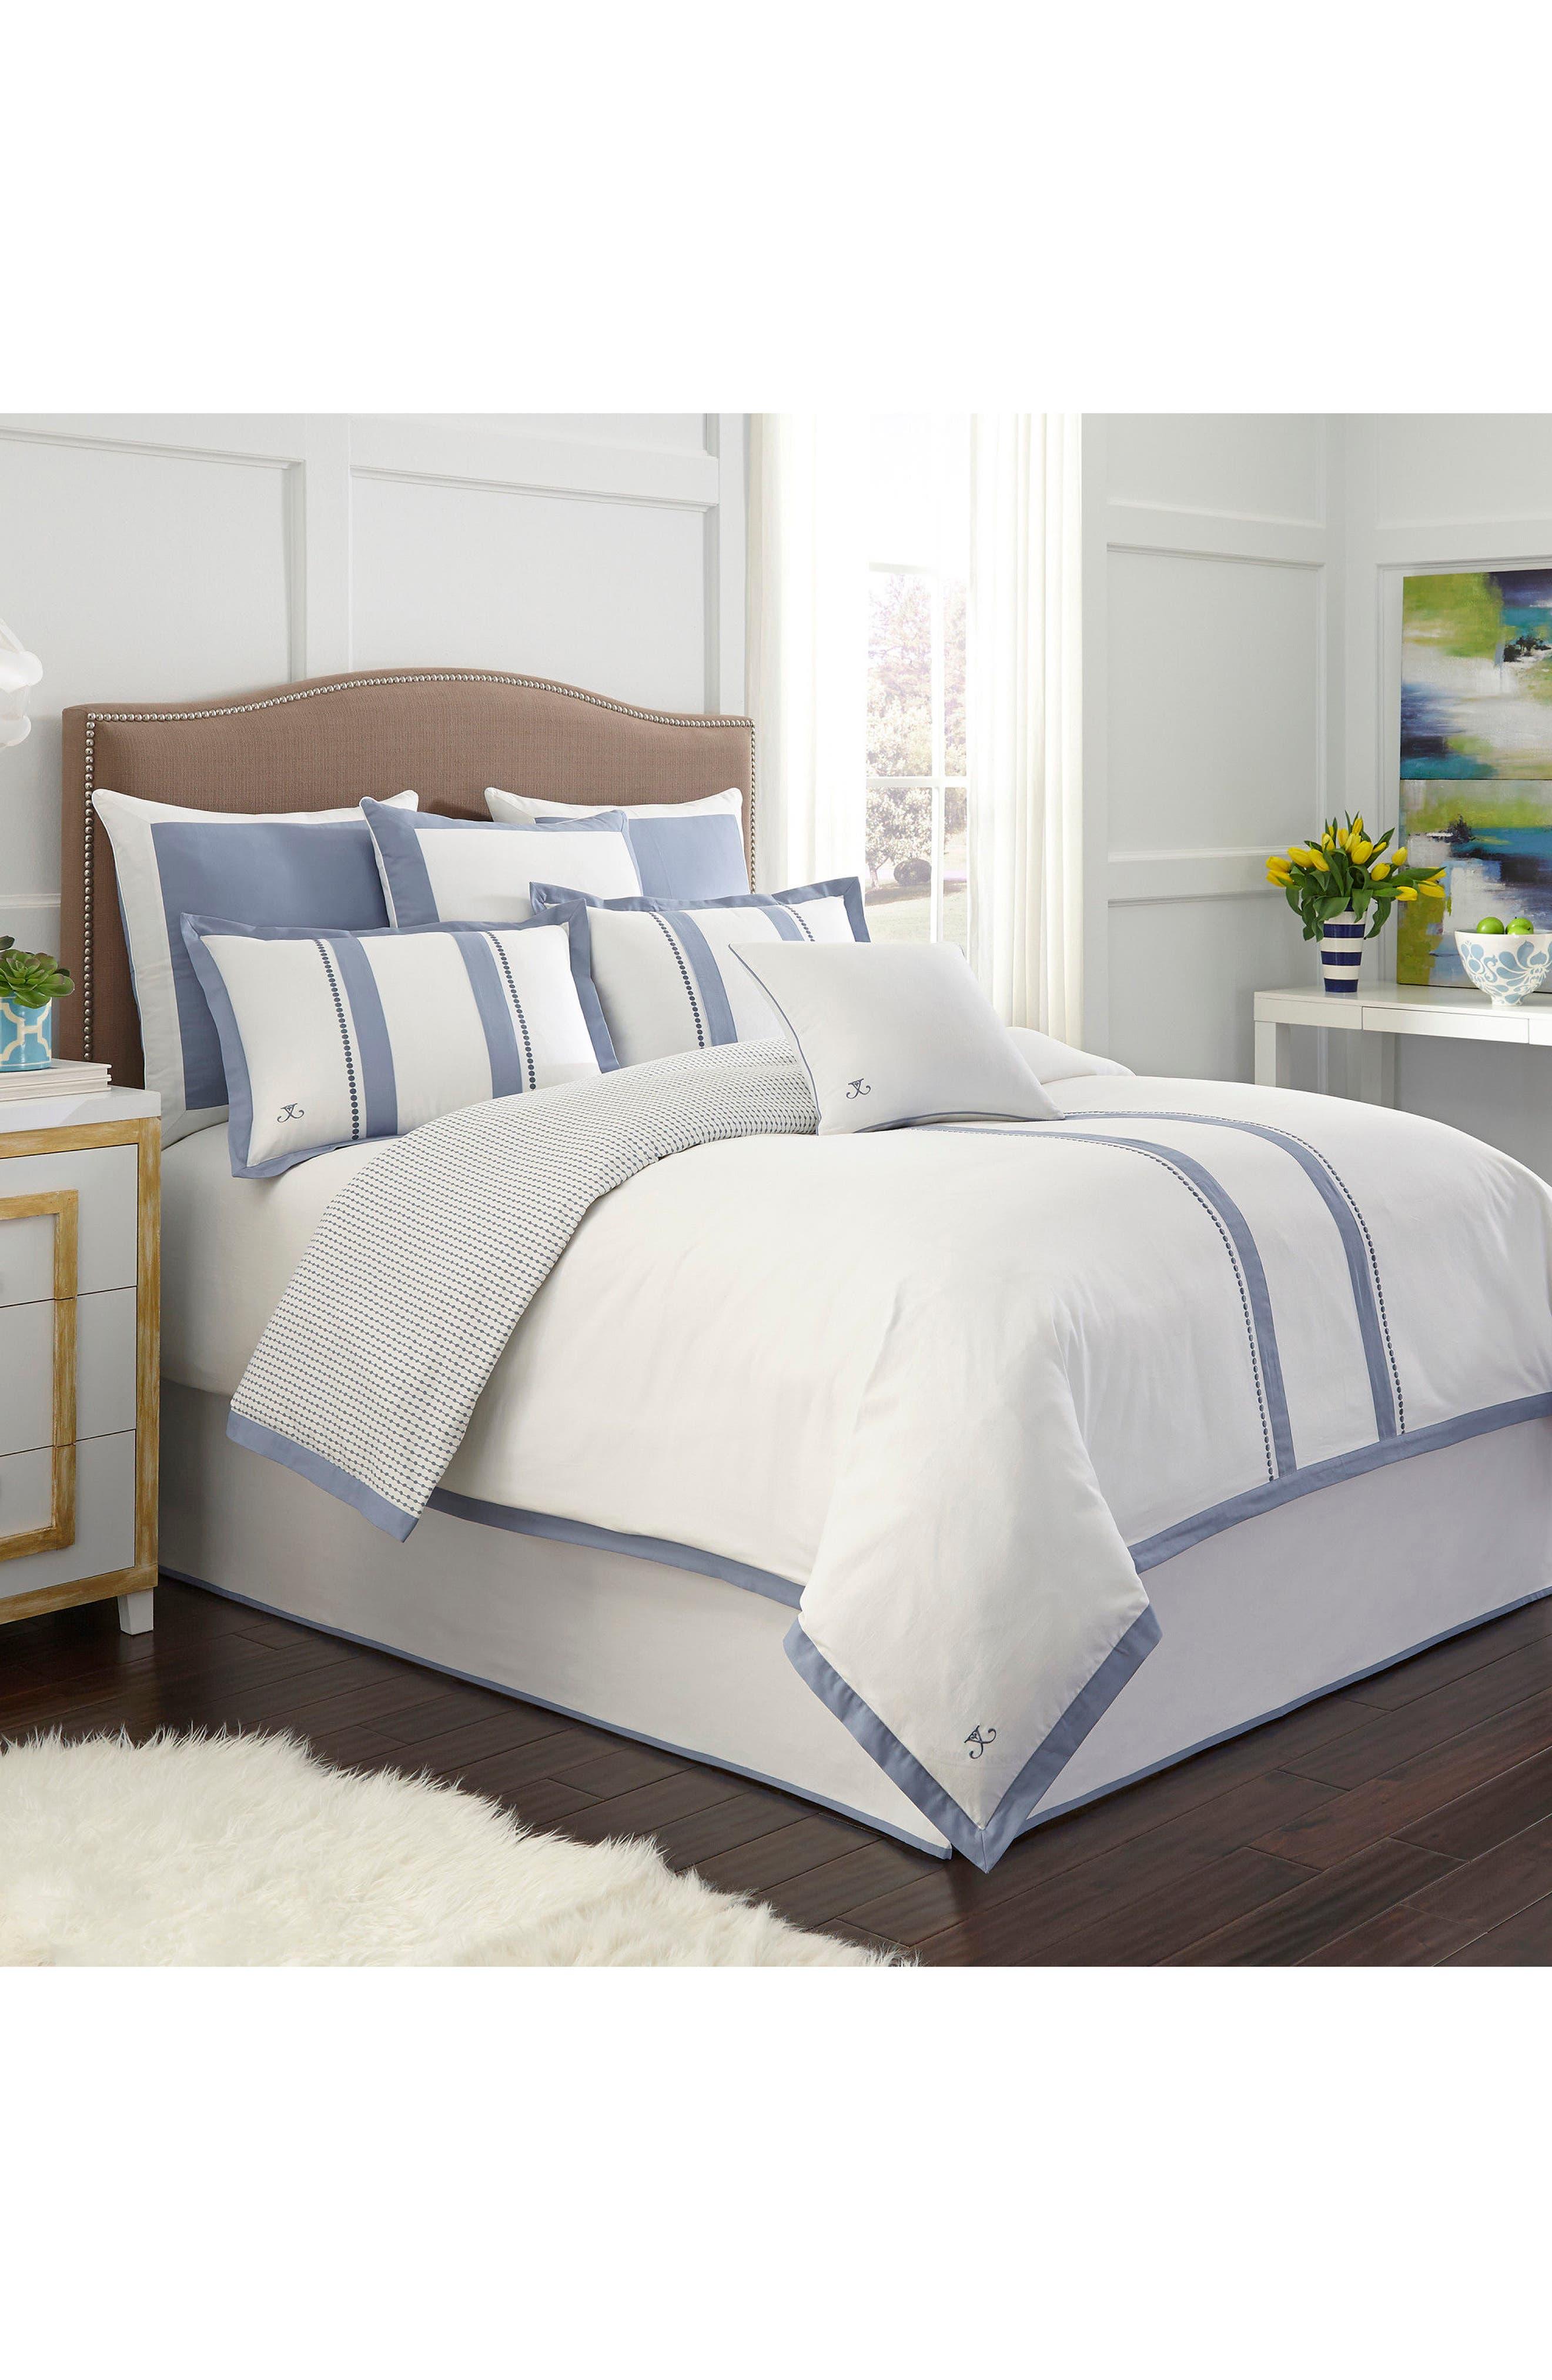 London Comforter,                             Main thumbnail 1, color,                             White/ Blue